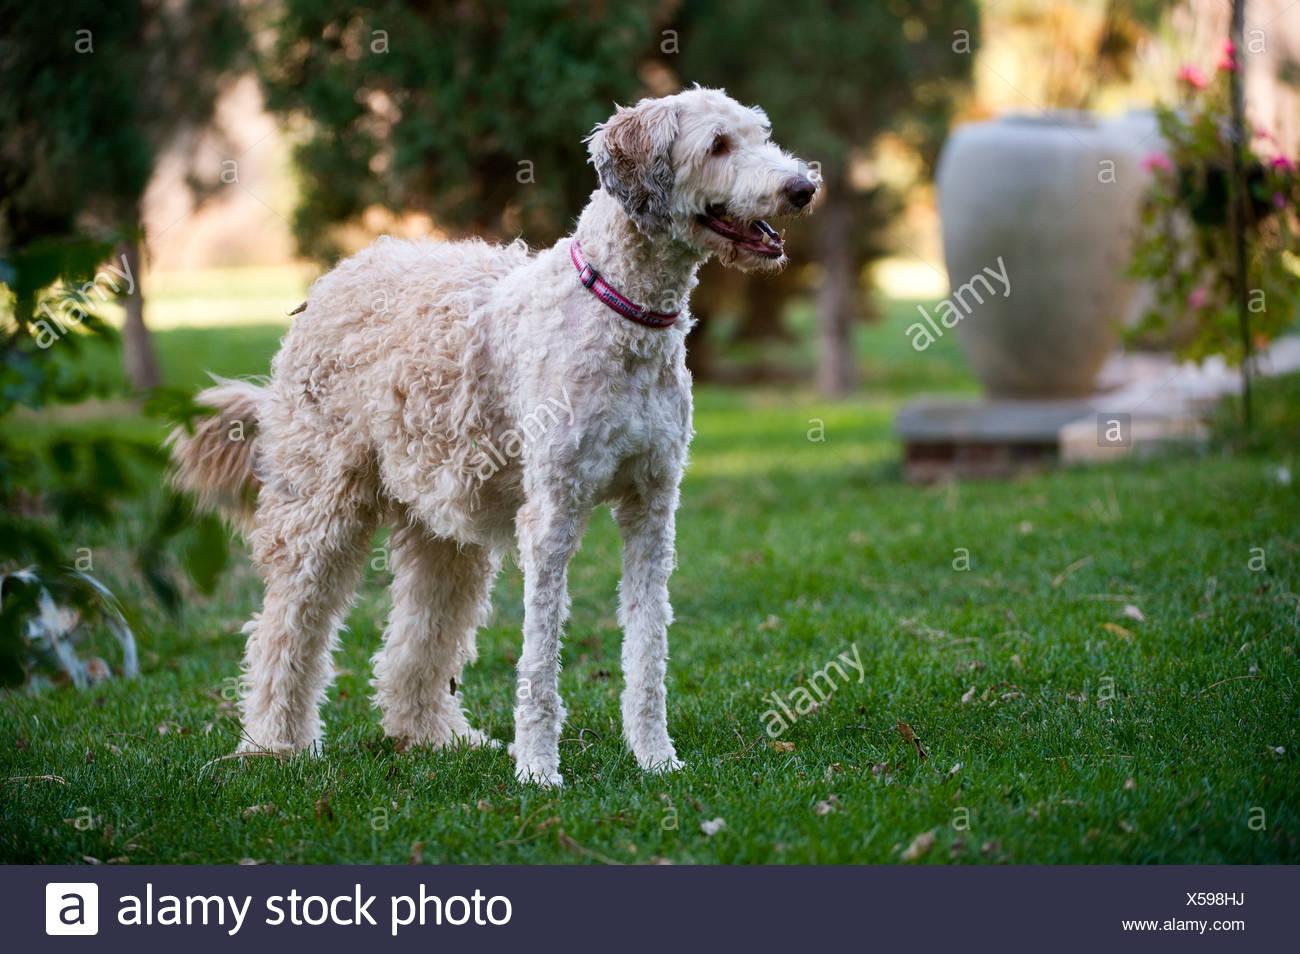 A family pet, half shaved, in Lincoln, Nebraska. - Stock Image